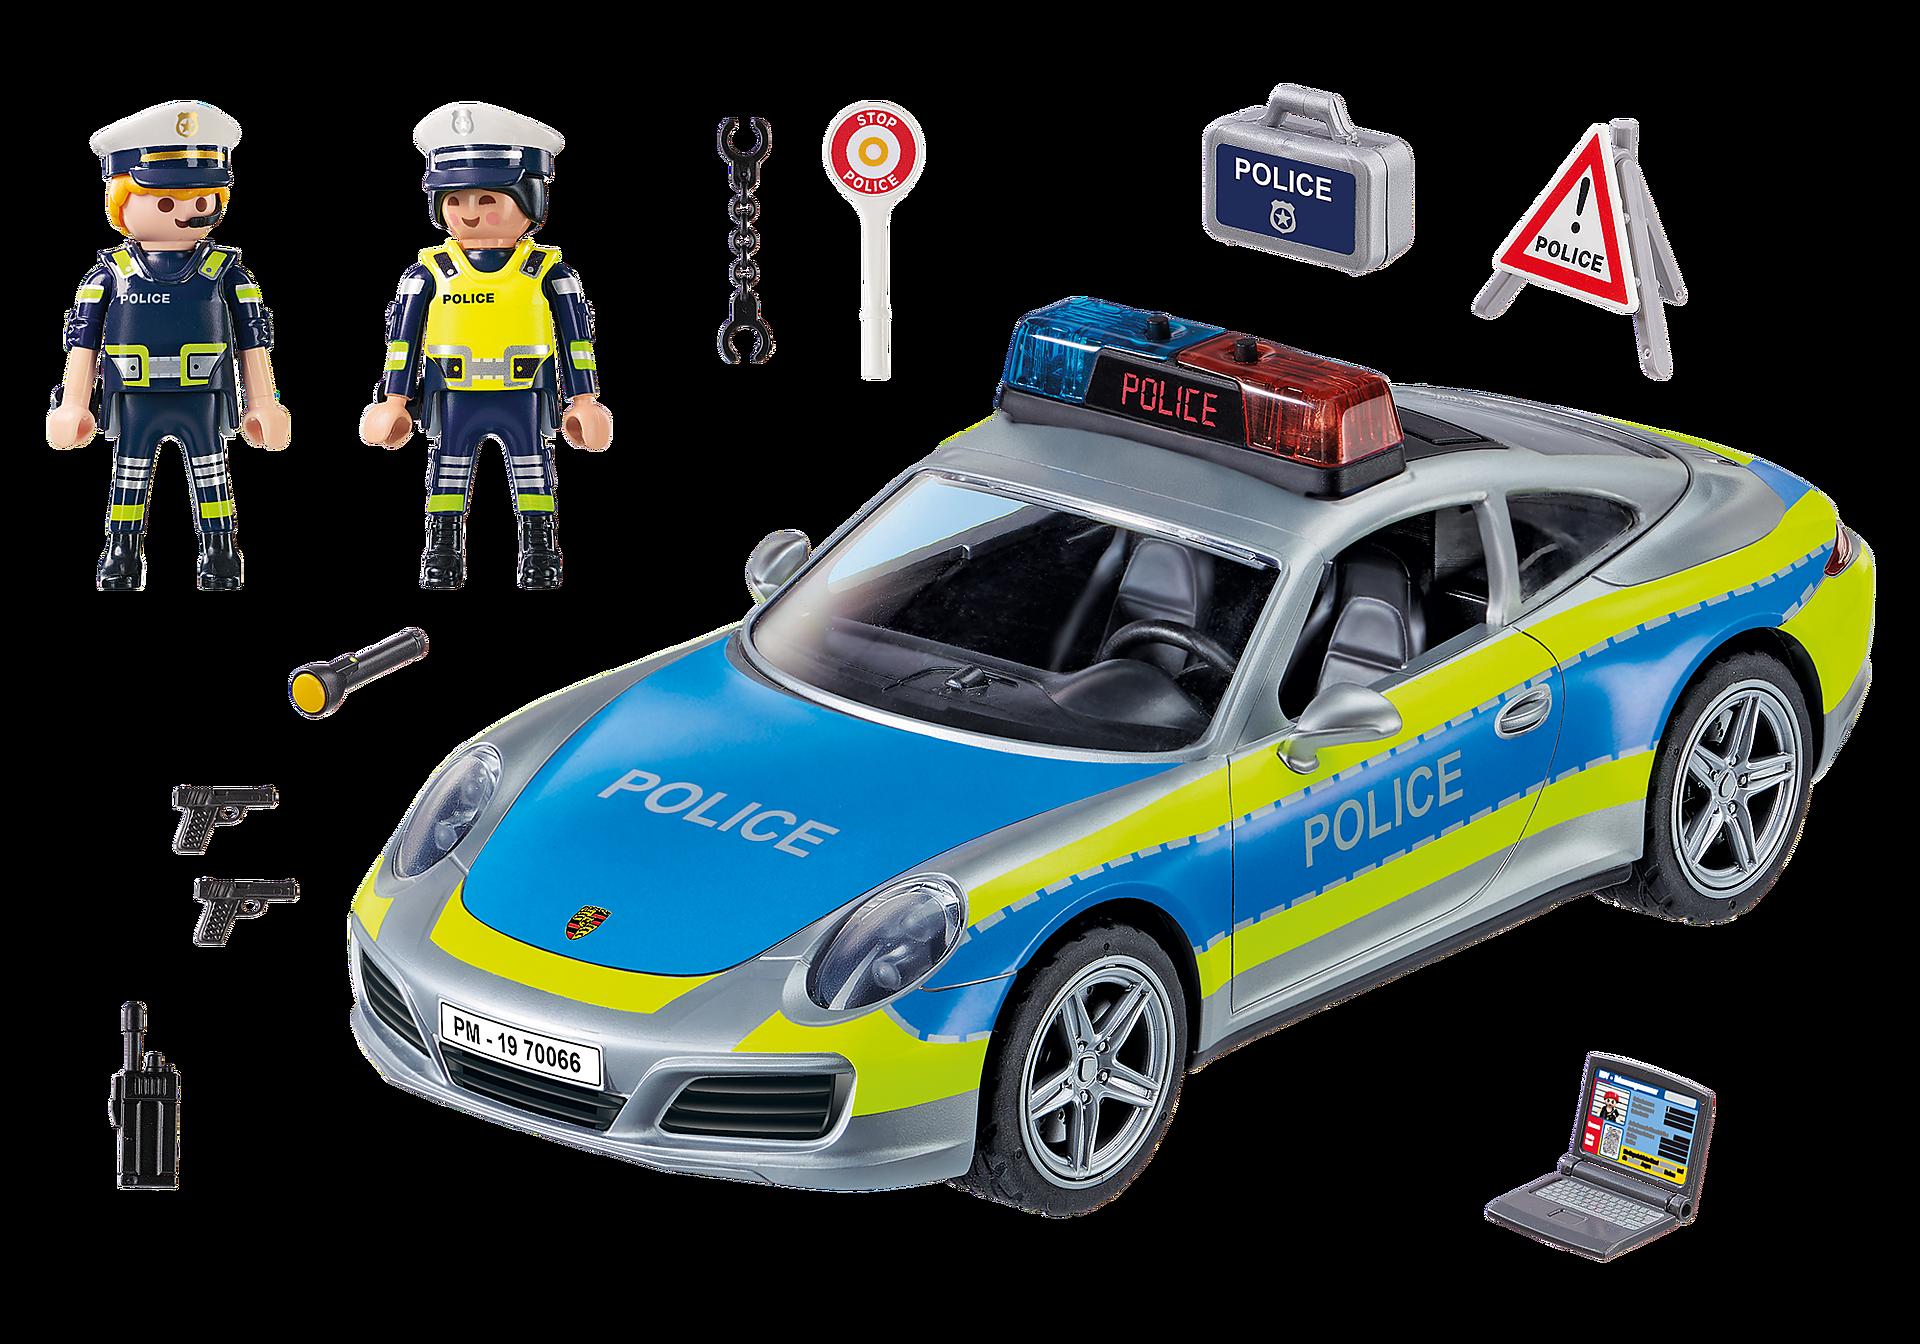 70066 Porsche 911 Carrera 4S Police - White zoom image3